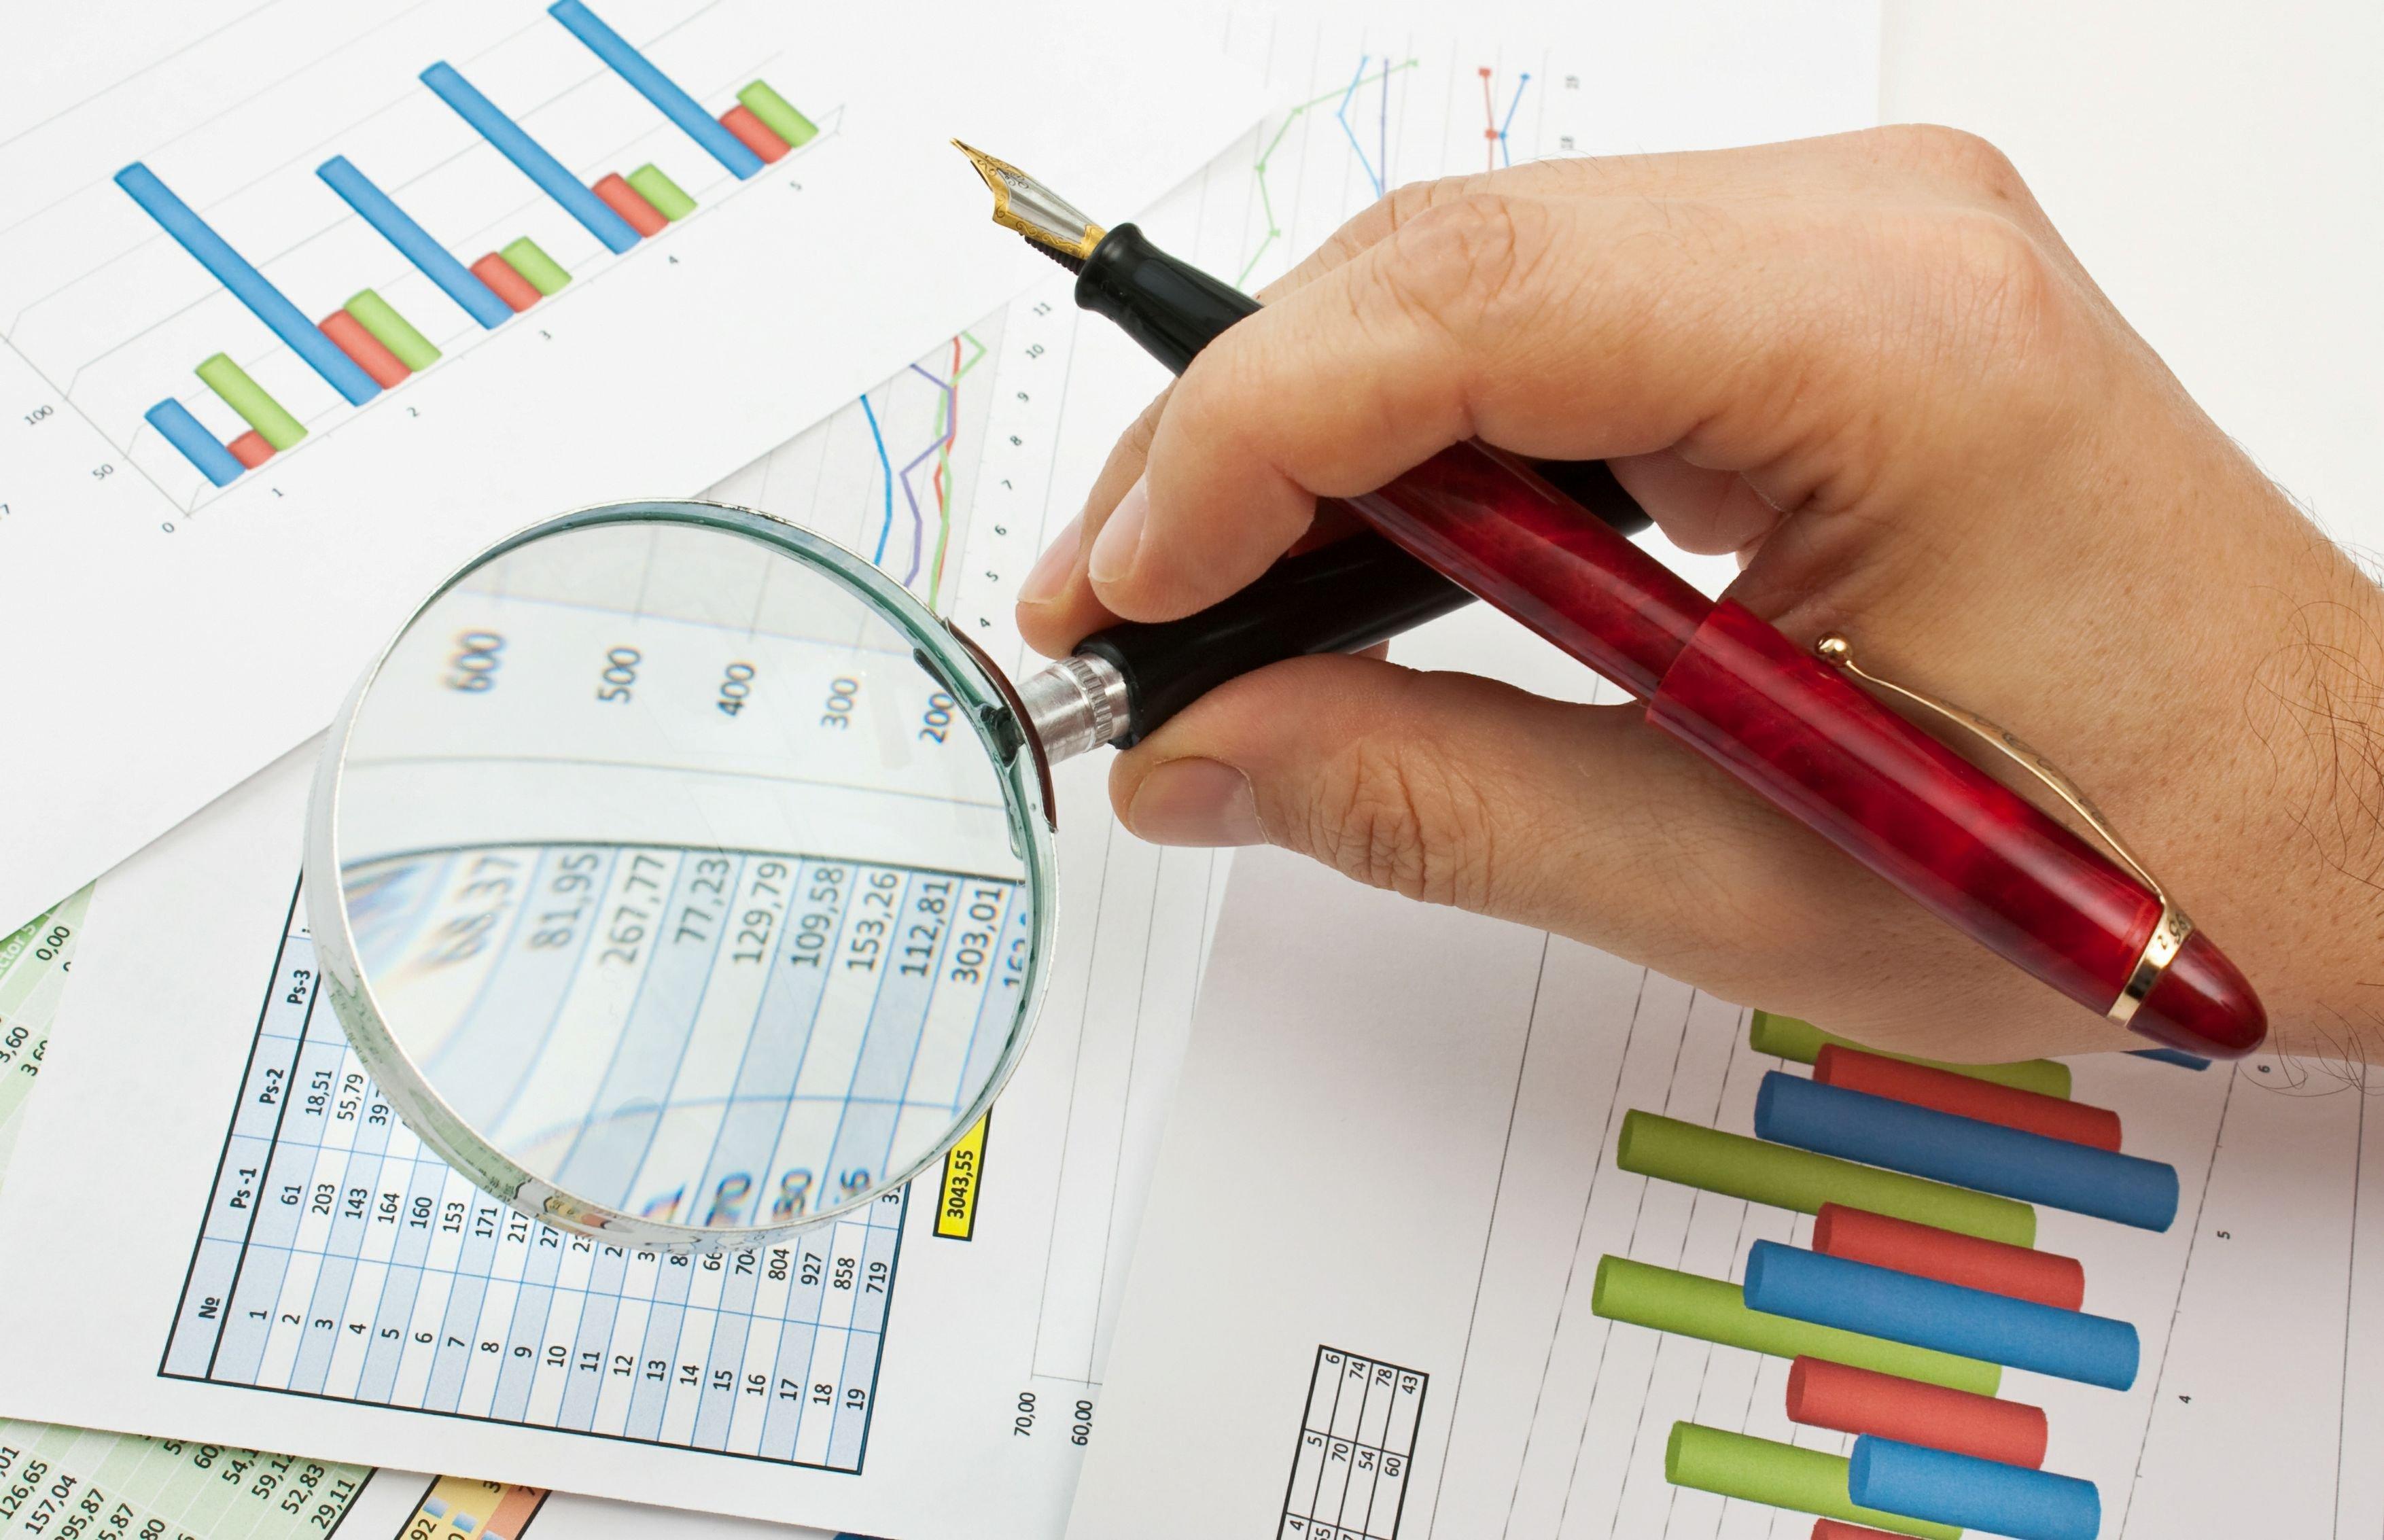 格隆汇港股聚焦(7.02)︱万科6月销售额增10.5%至733.7亿元;上汽拟溢价22.5%入主神州租车